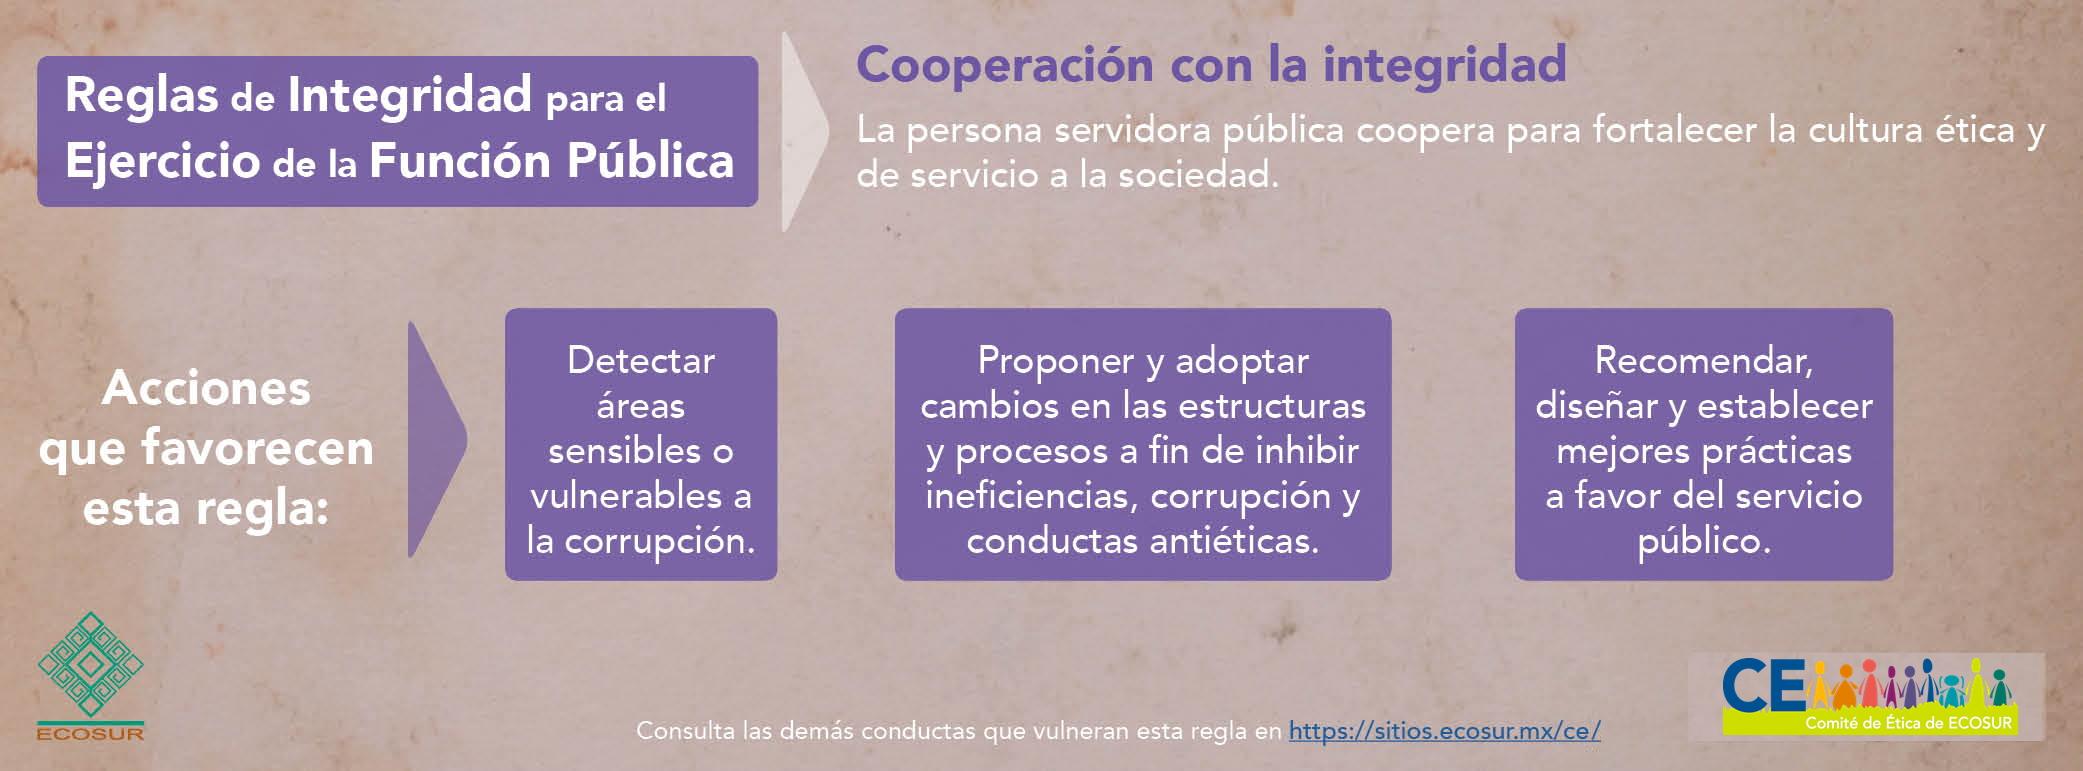 Cooperación con la integridad